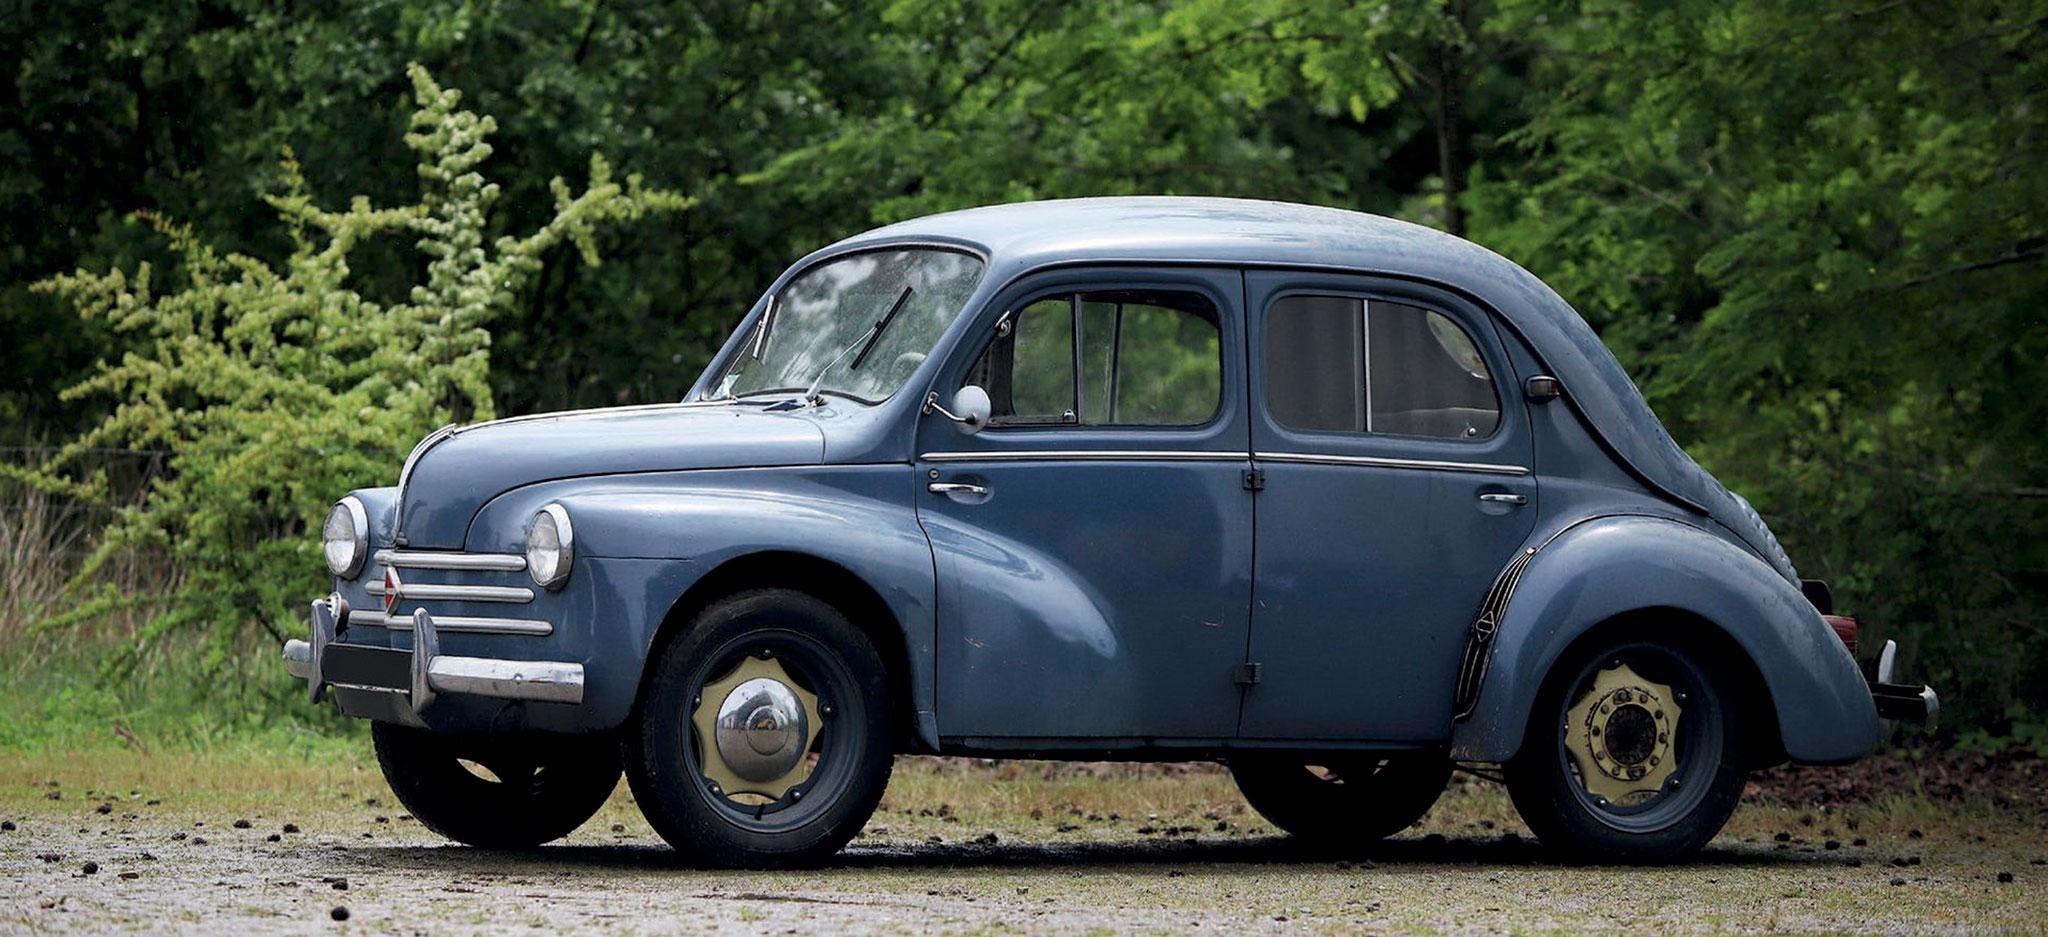 1956 Renault 4CV €4000 - 6000 - Populaires Françaises.